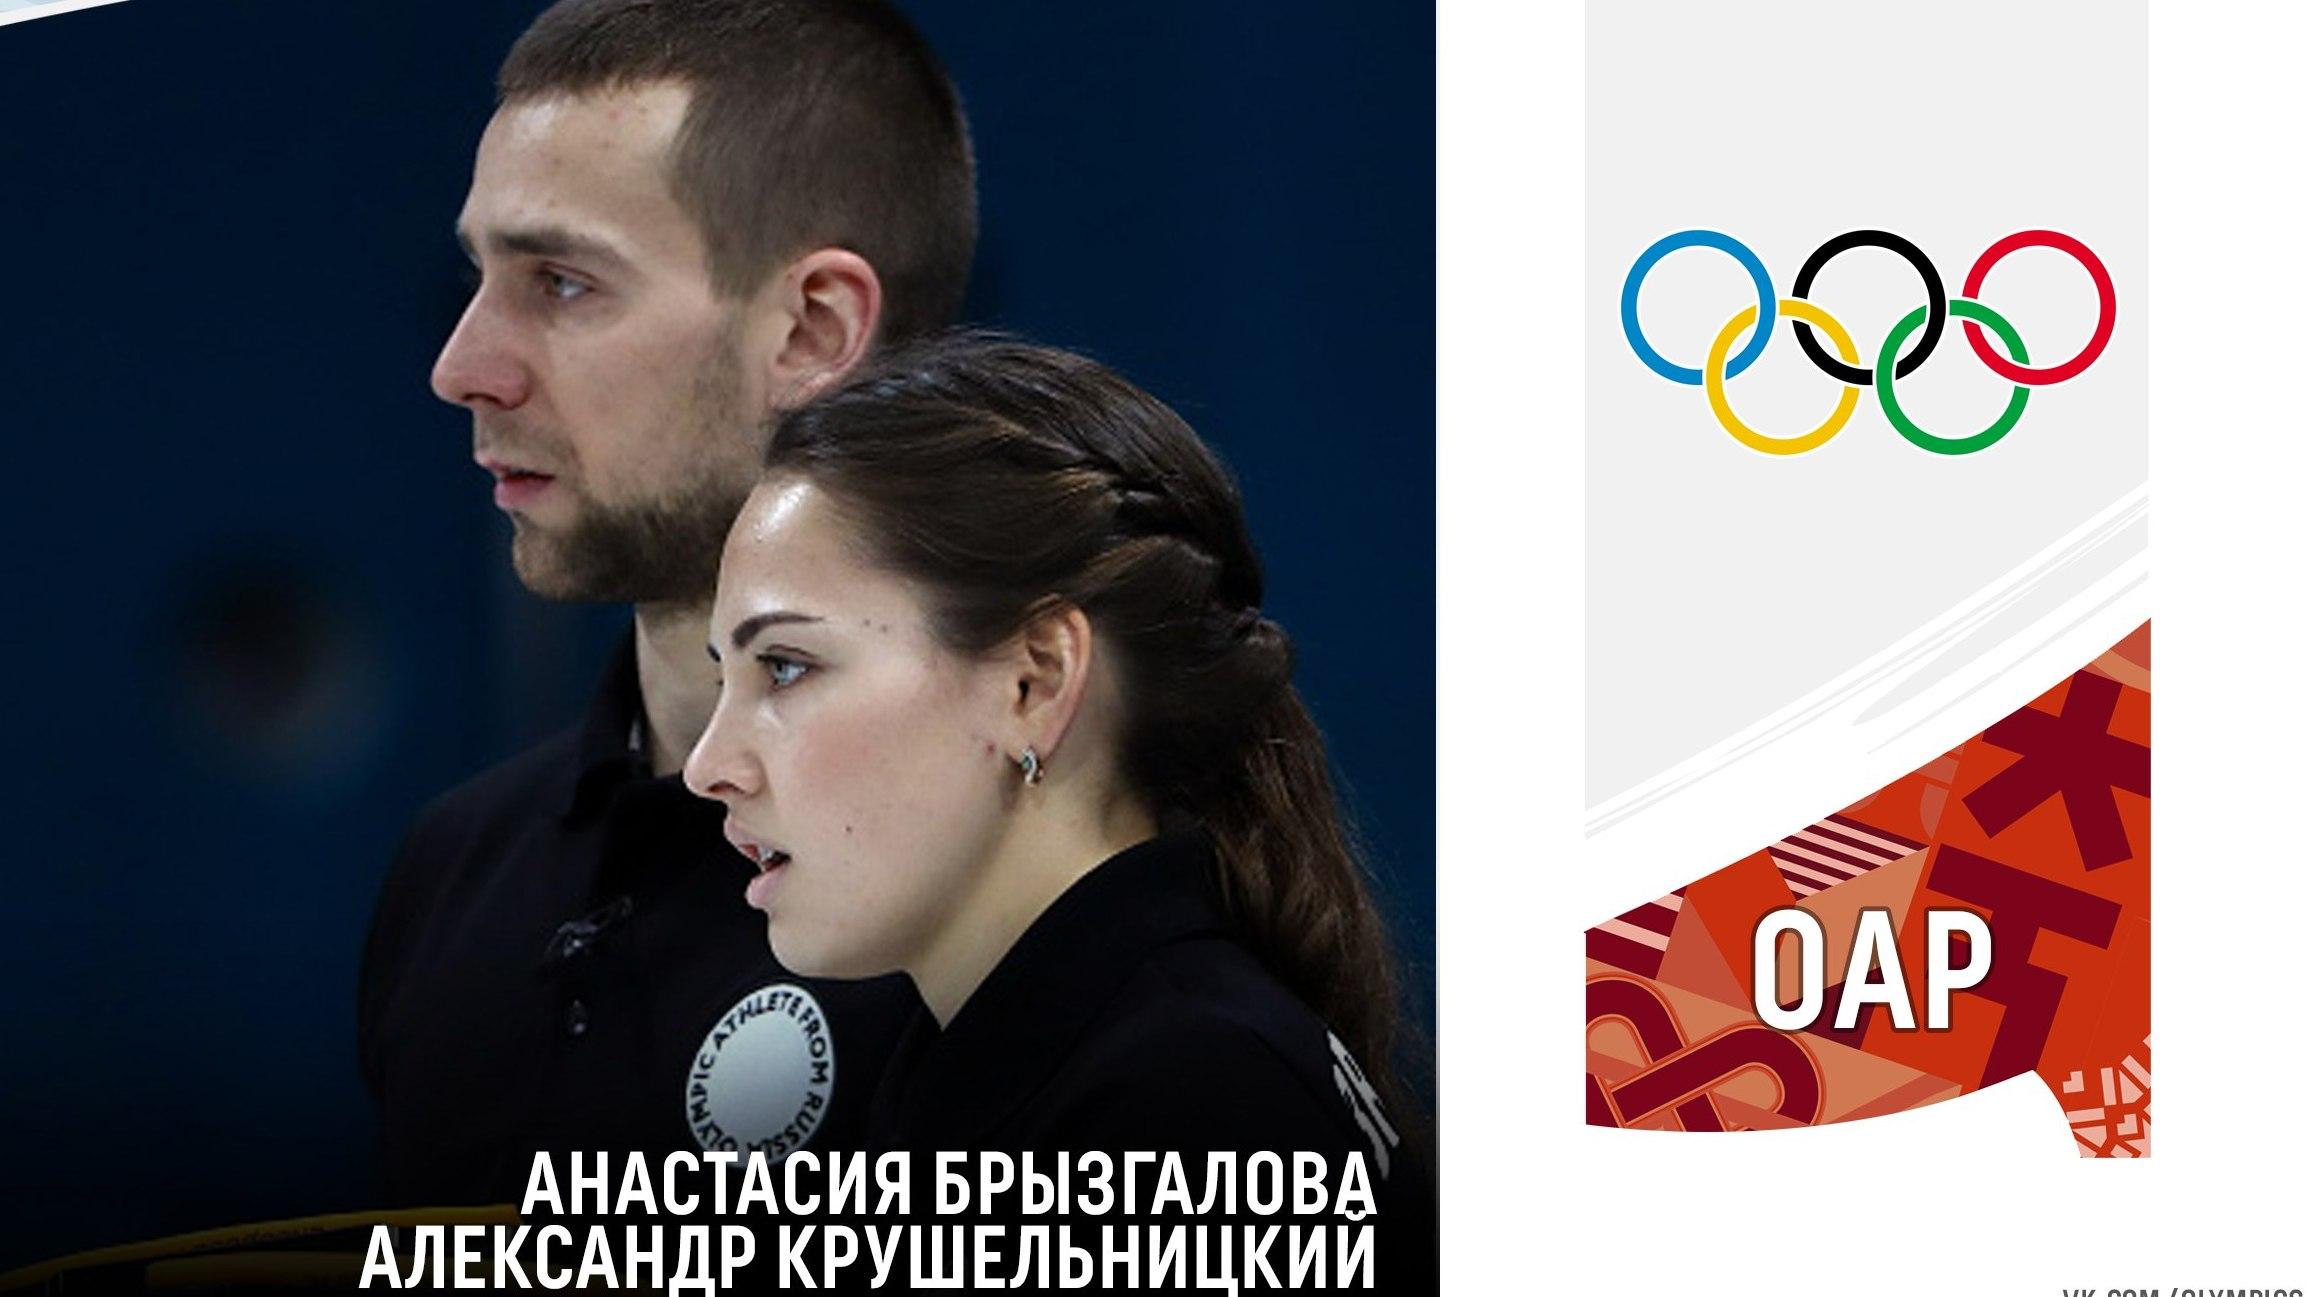 Керлингист Александр Крушельницкий уехал из Олимпийской деревни из-за допингового скандала